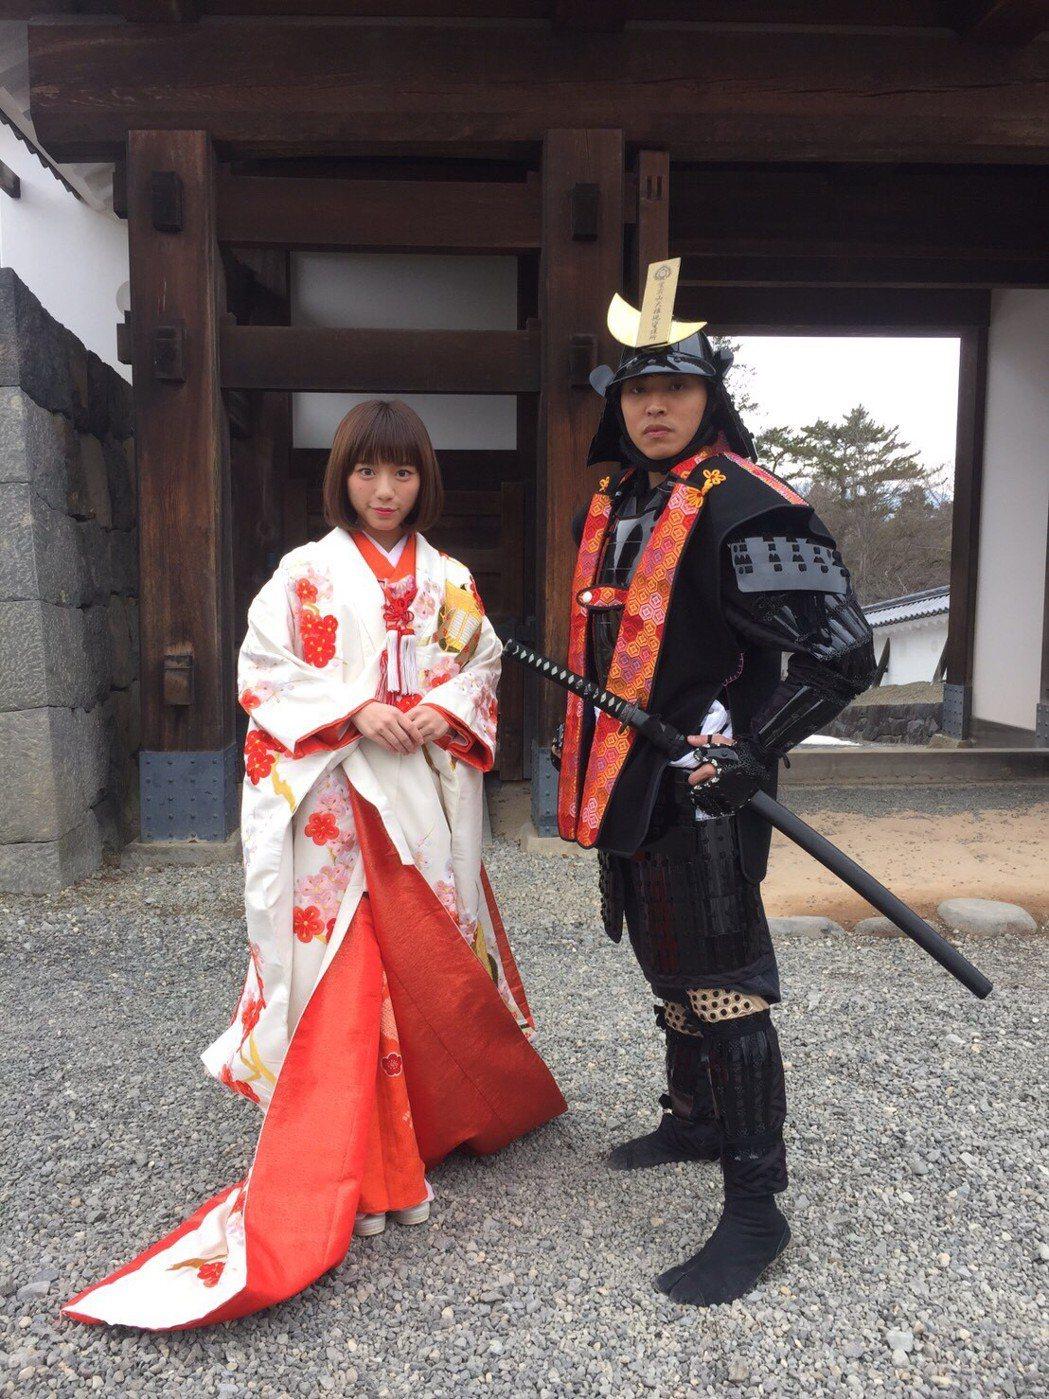 陳芊羽(左)、王上豪體驗公主服、武士服。圖/民視提供